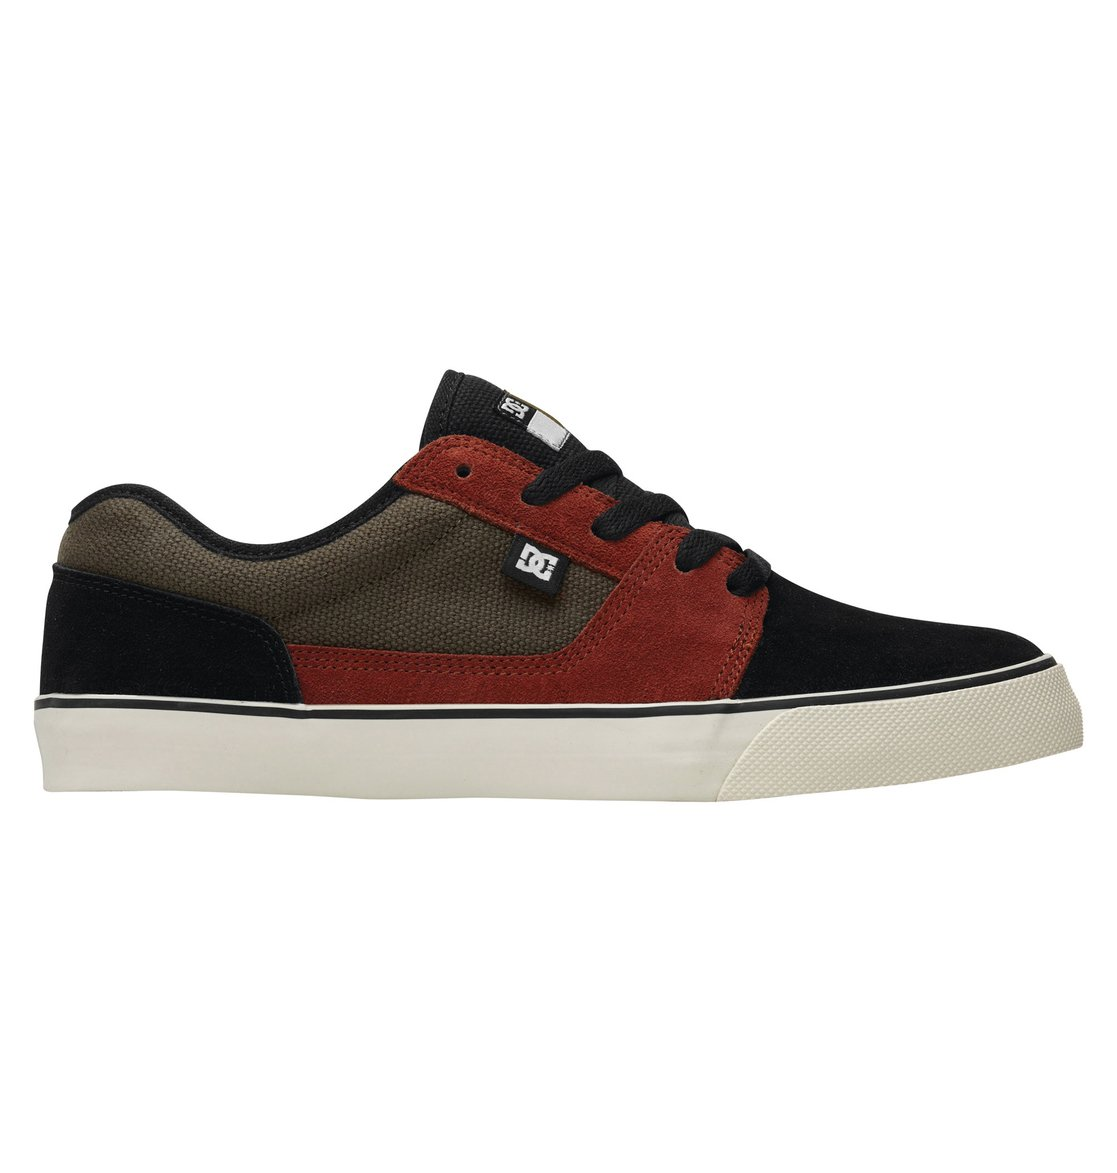 DC Shoes TONIK SHOE Noir gfL5fxiTR2